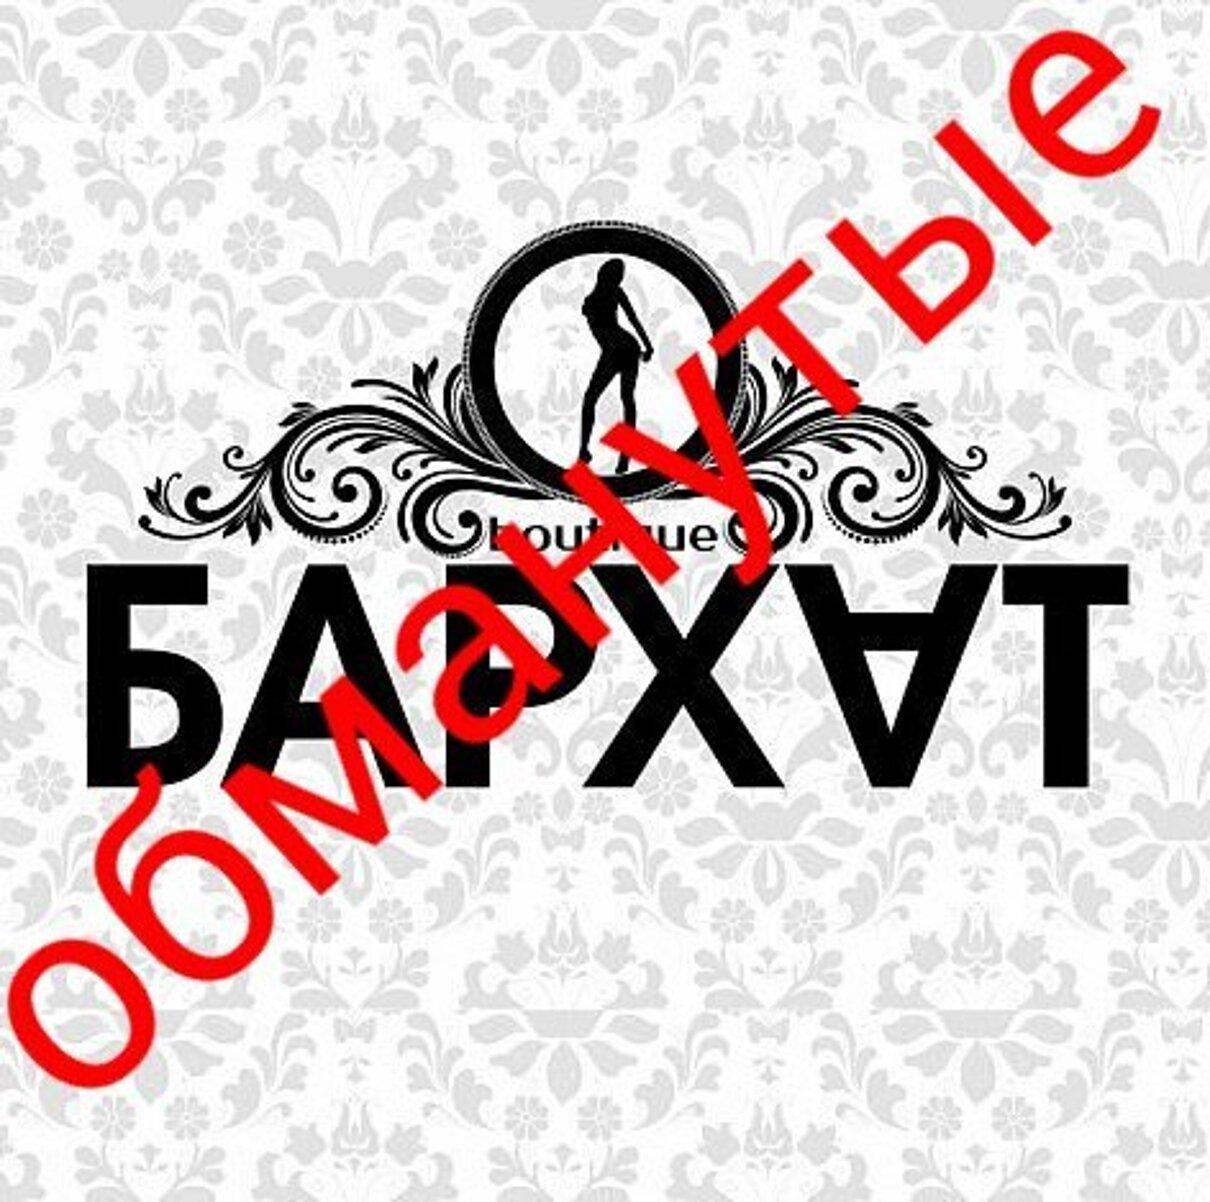 Жалоба-отзыв: Интернет- магазин: boutique BARHAT SHOP - Мошеиники Интернет- магазин: boutique BARHAT SHOP